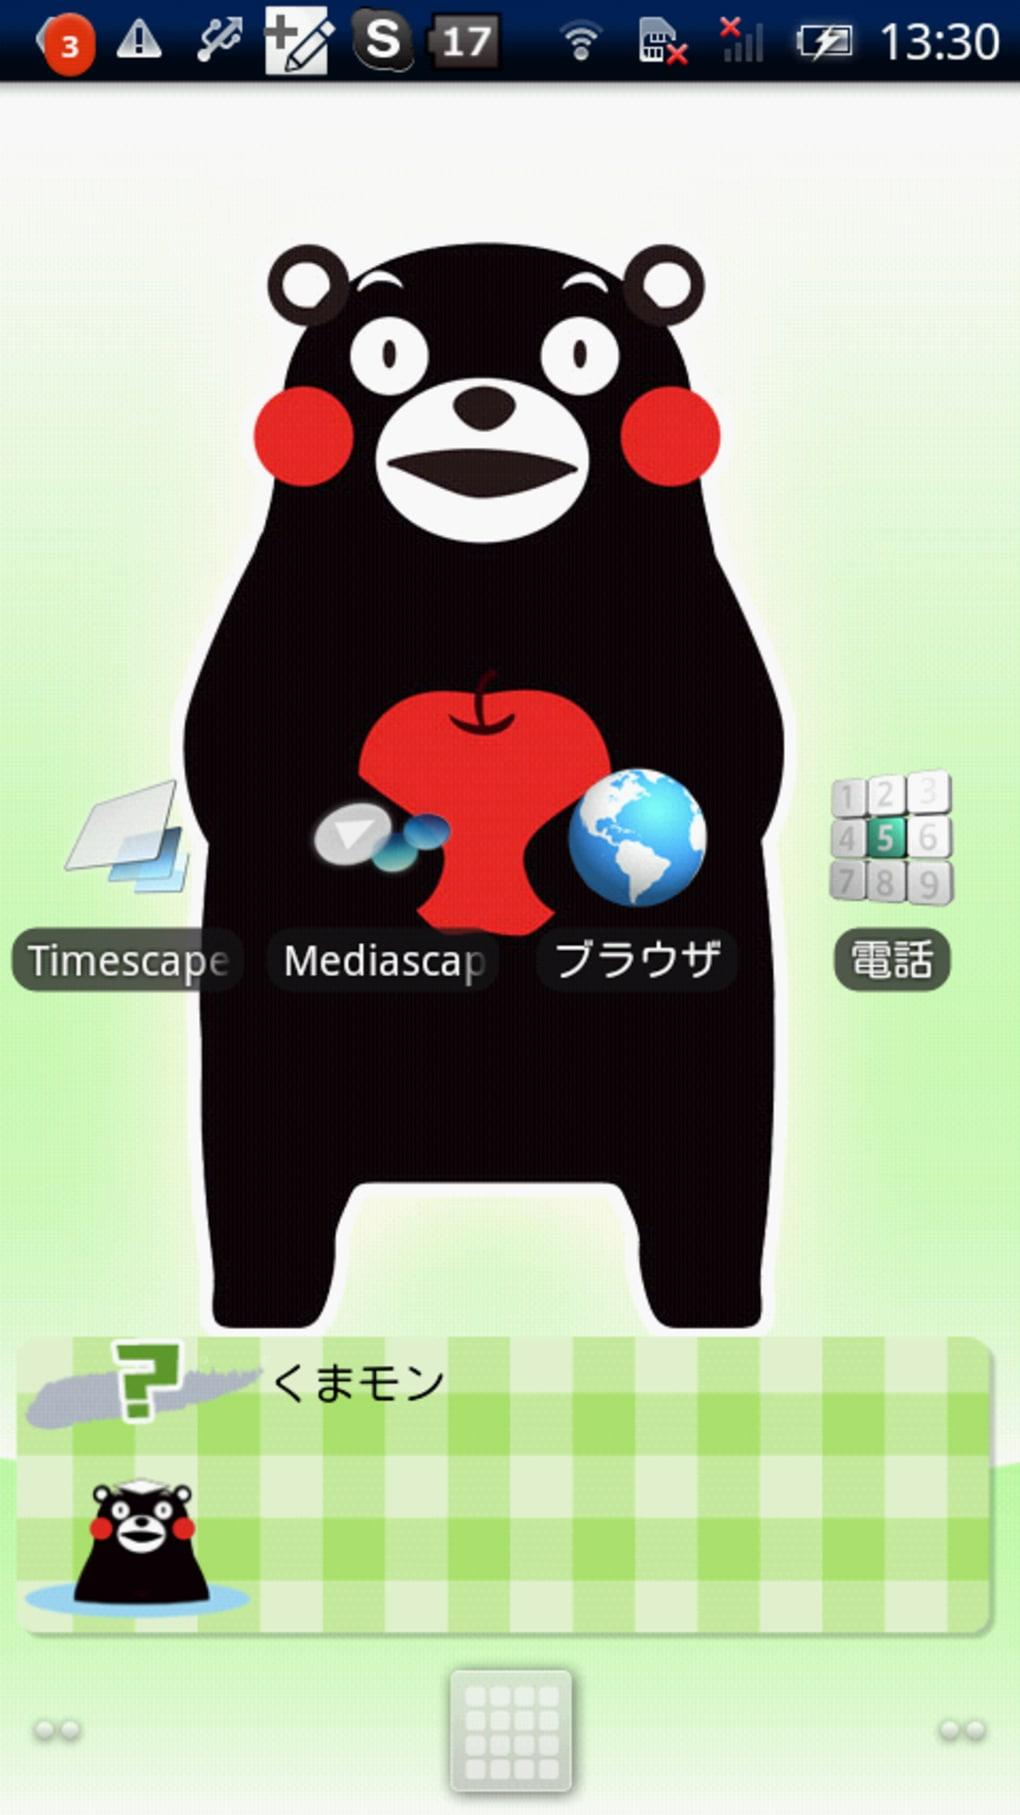 メモ帳ウィジェット 無料memo キャラクター くまモン For Android